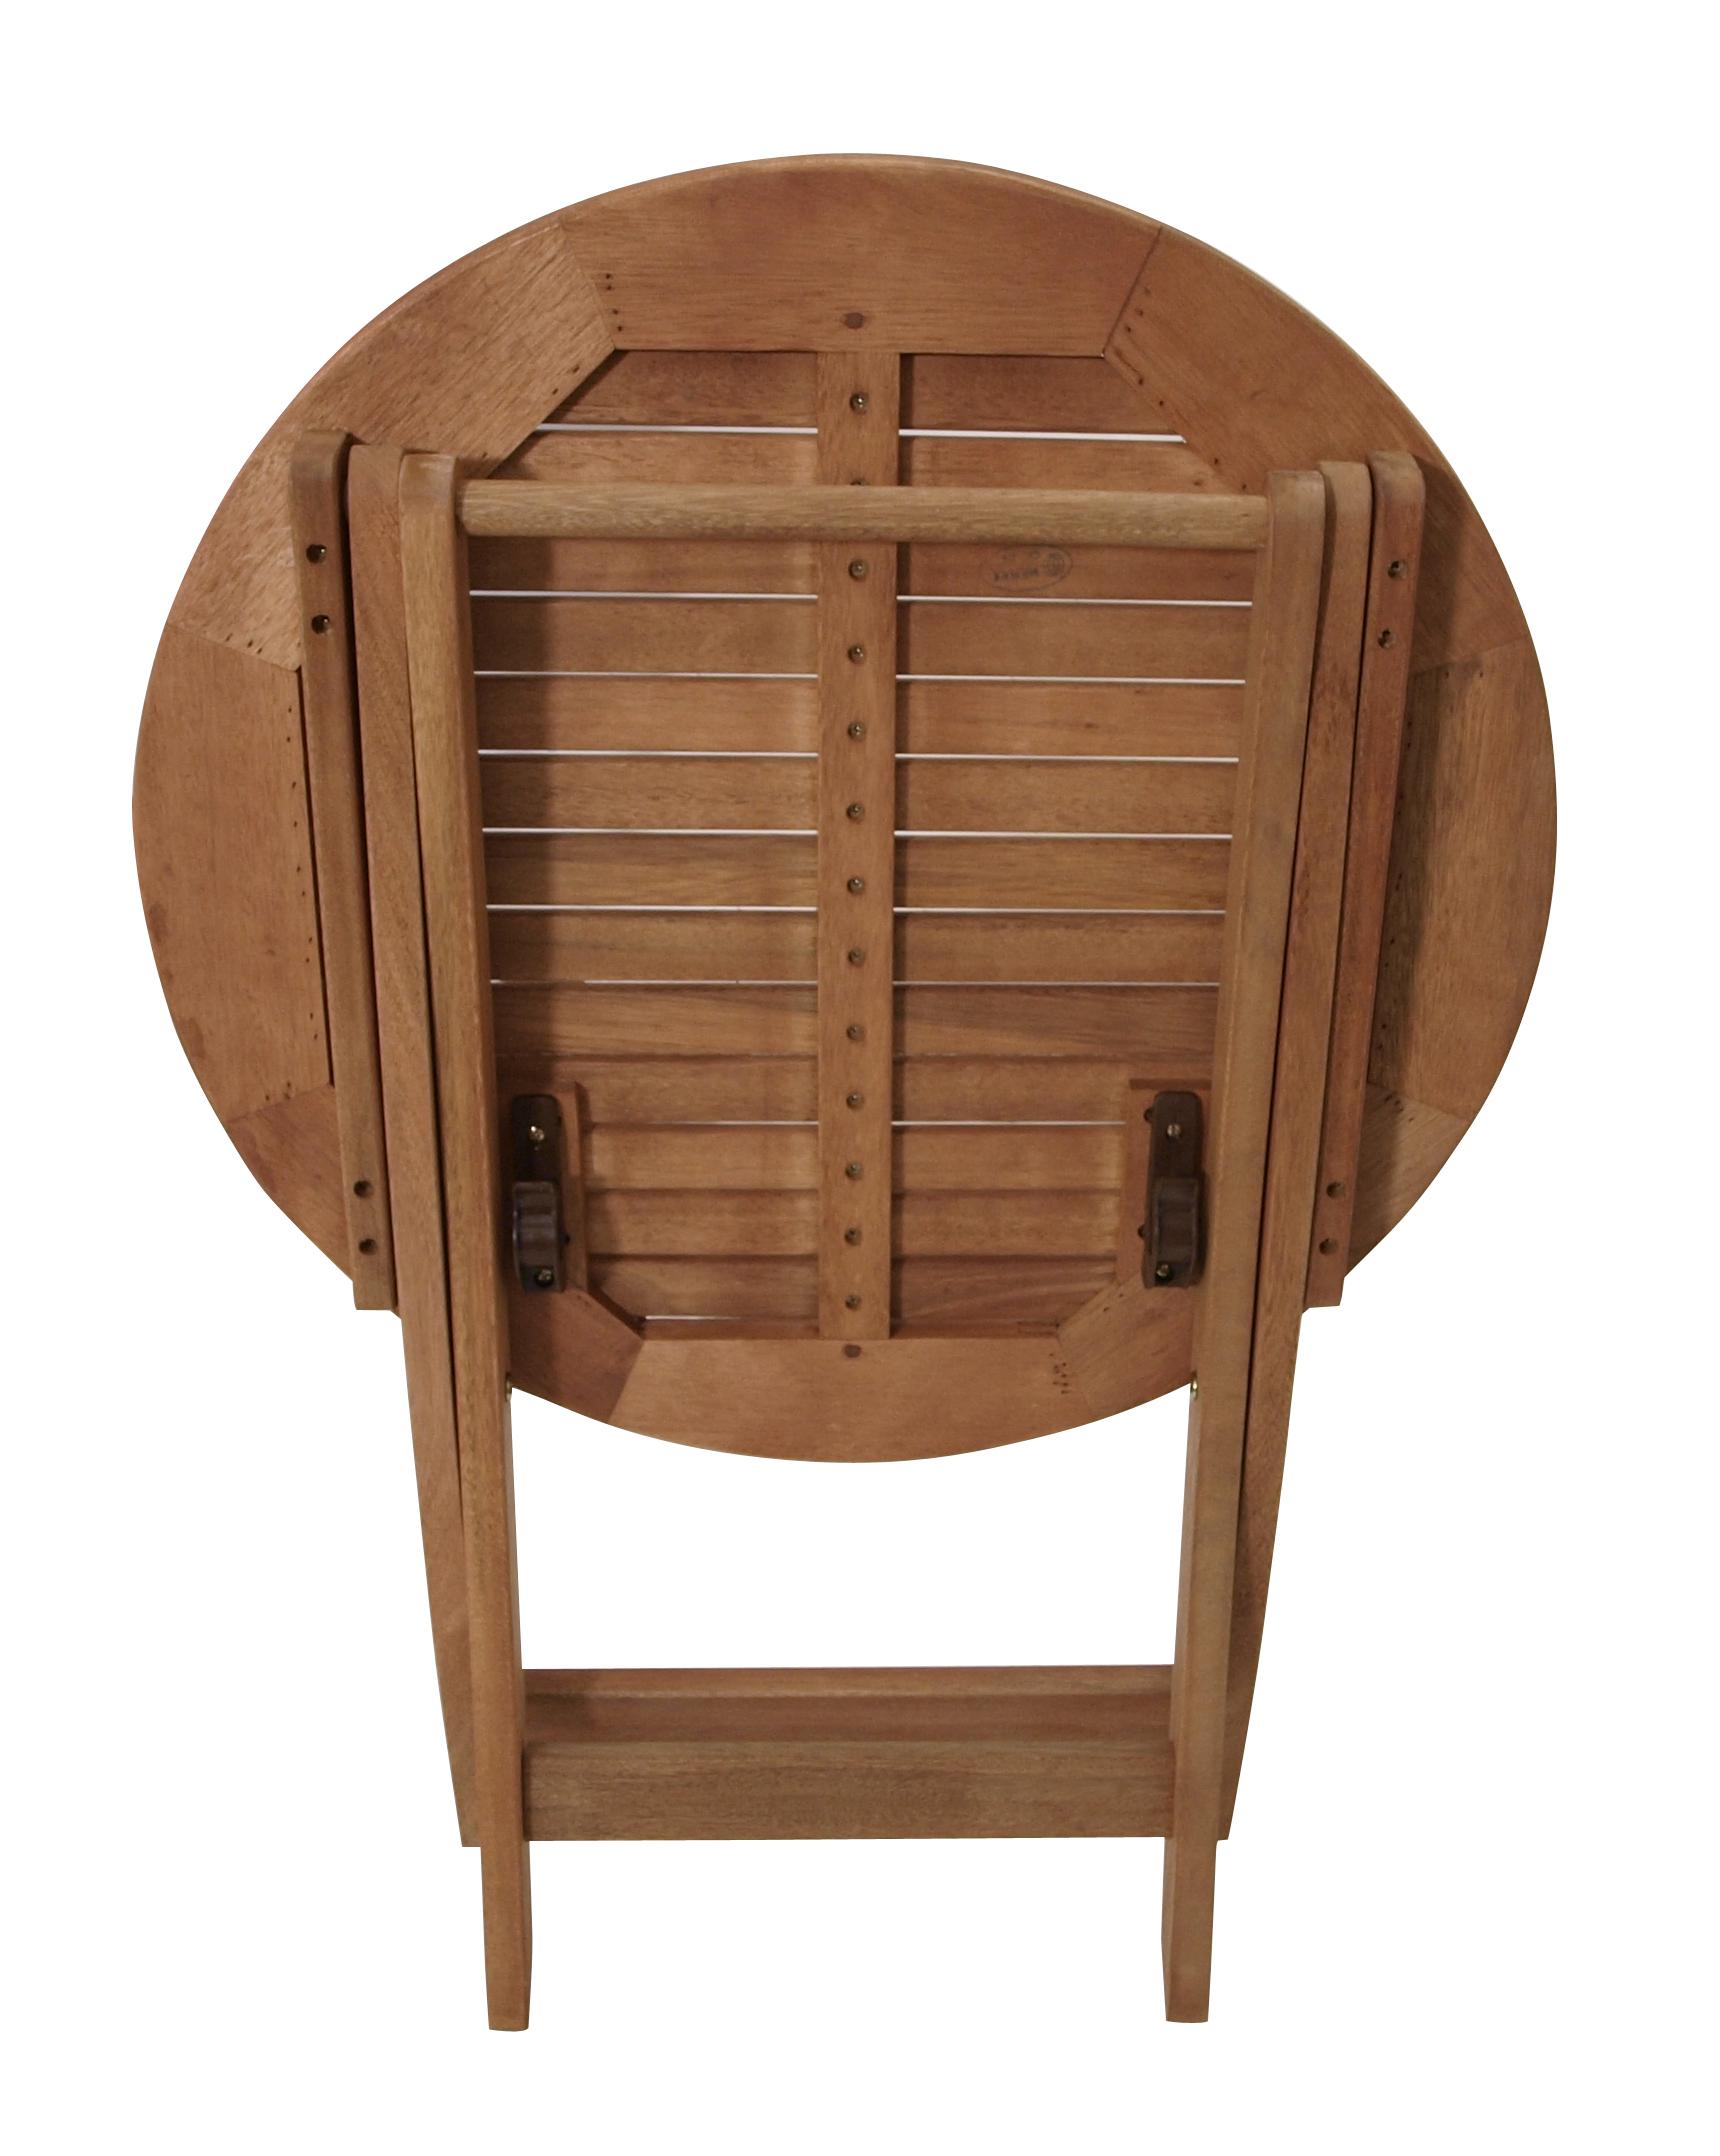 Gartentisch rund holz selber bauen for Bistrotisch holz